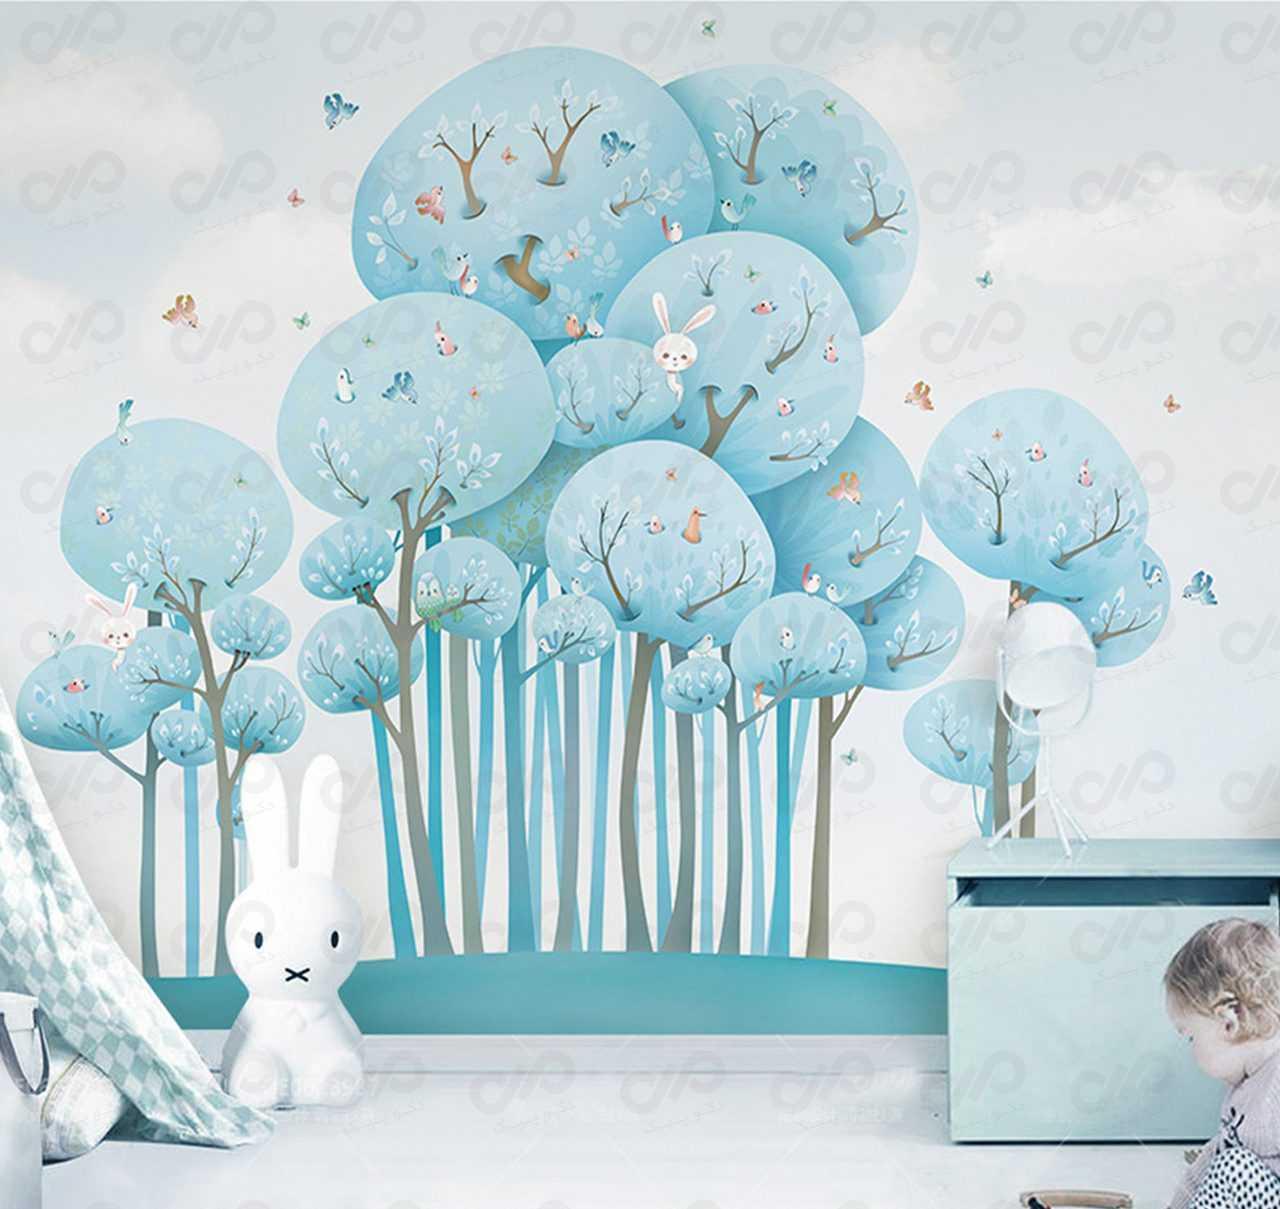 پوستر دیواری سه بعدی لوکس 022 طرح اتاق کودک نمای استفاده شده استفاده شده در اتاق کودک طرح زمستانی